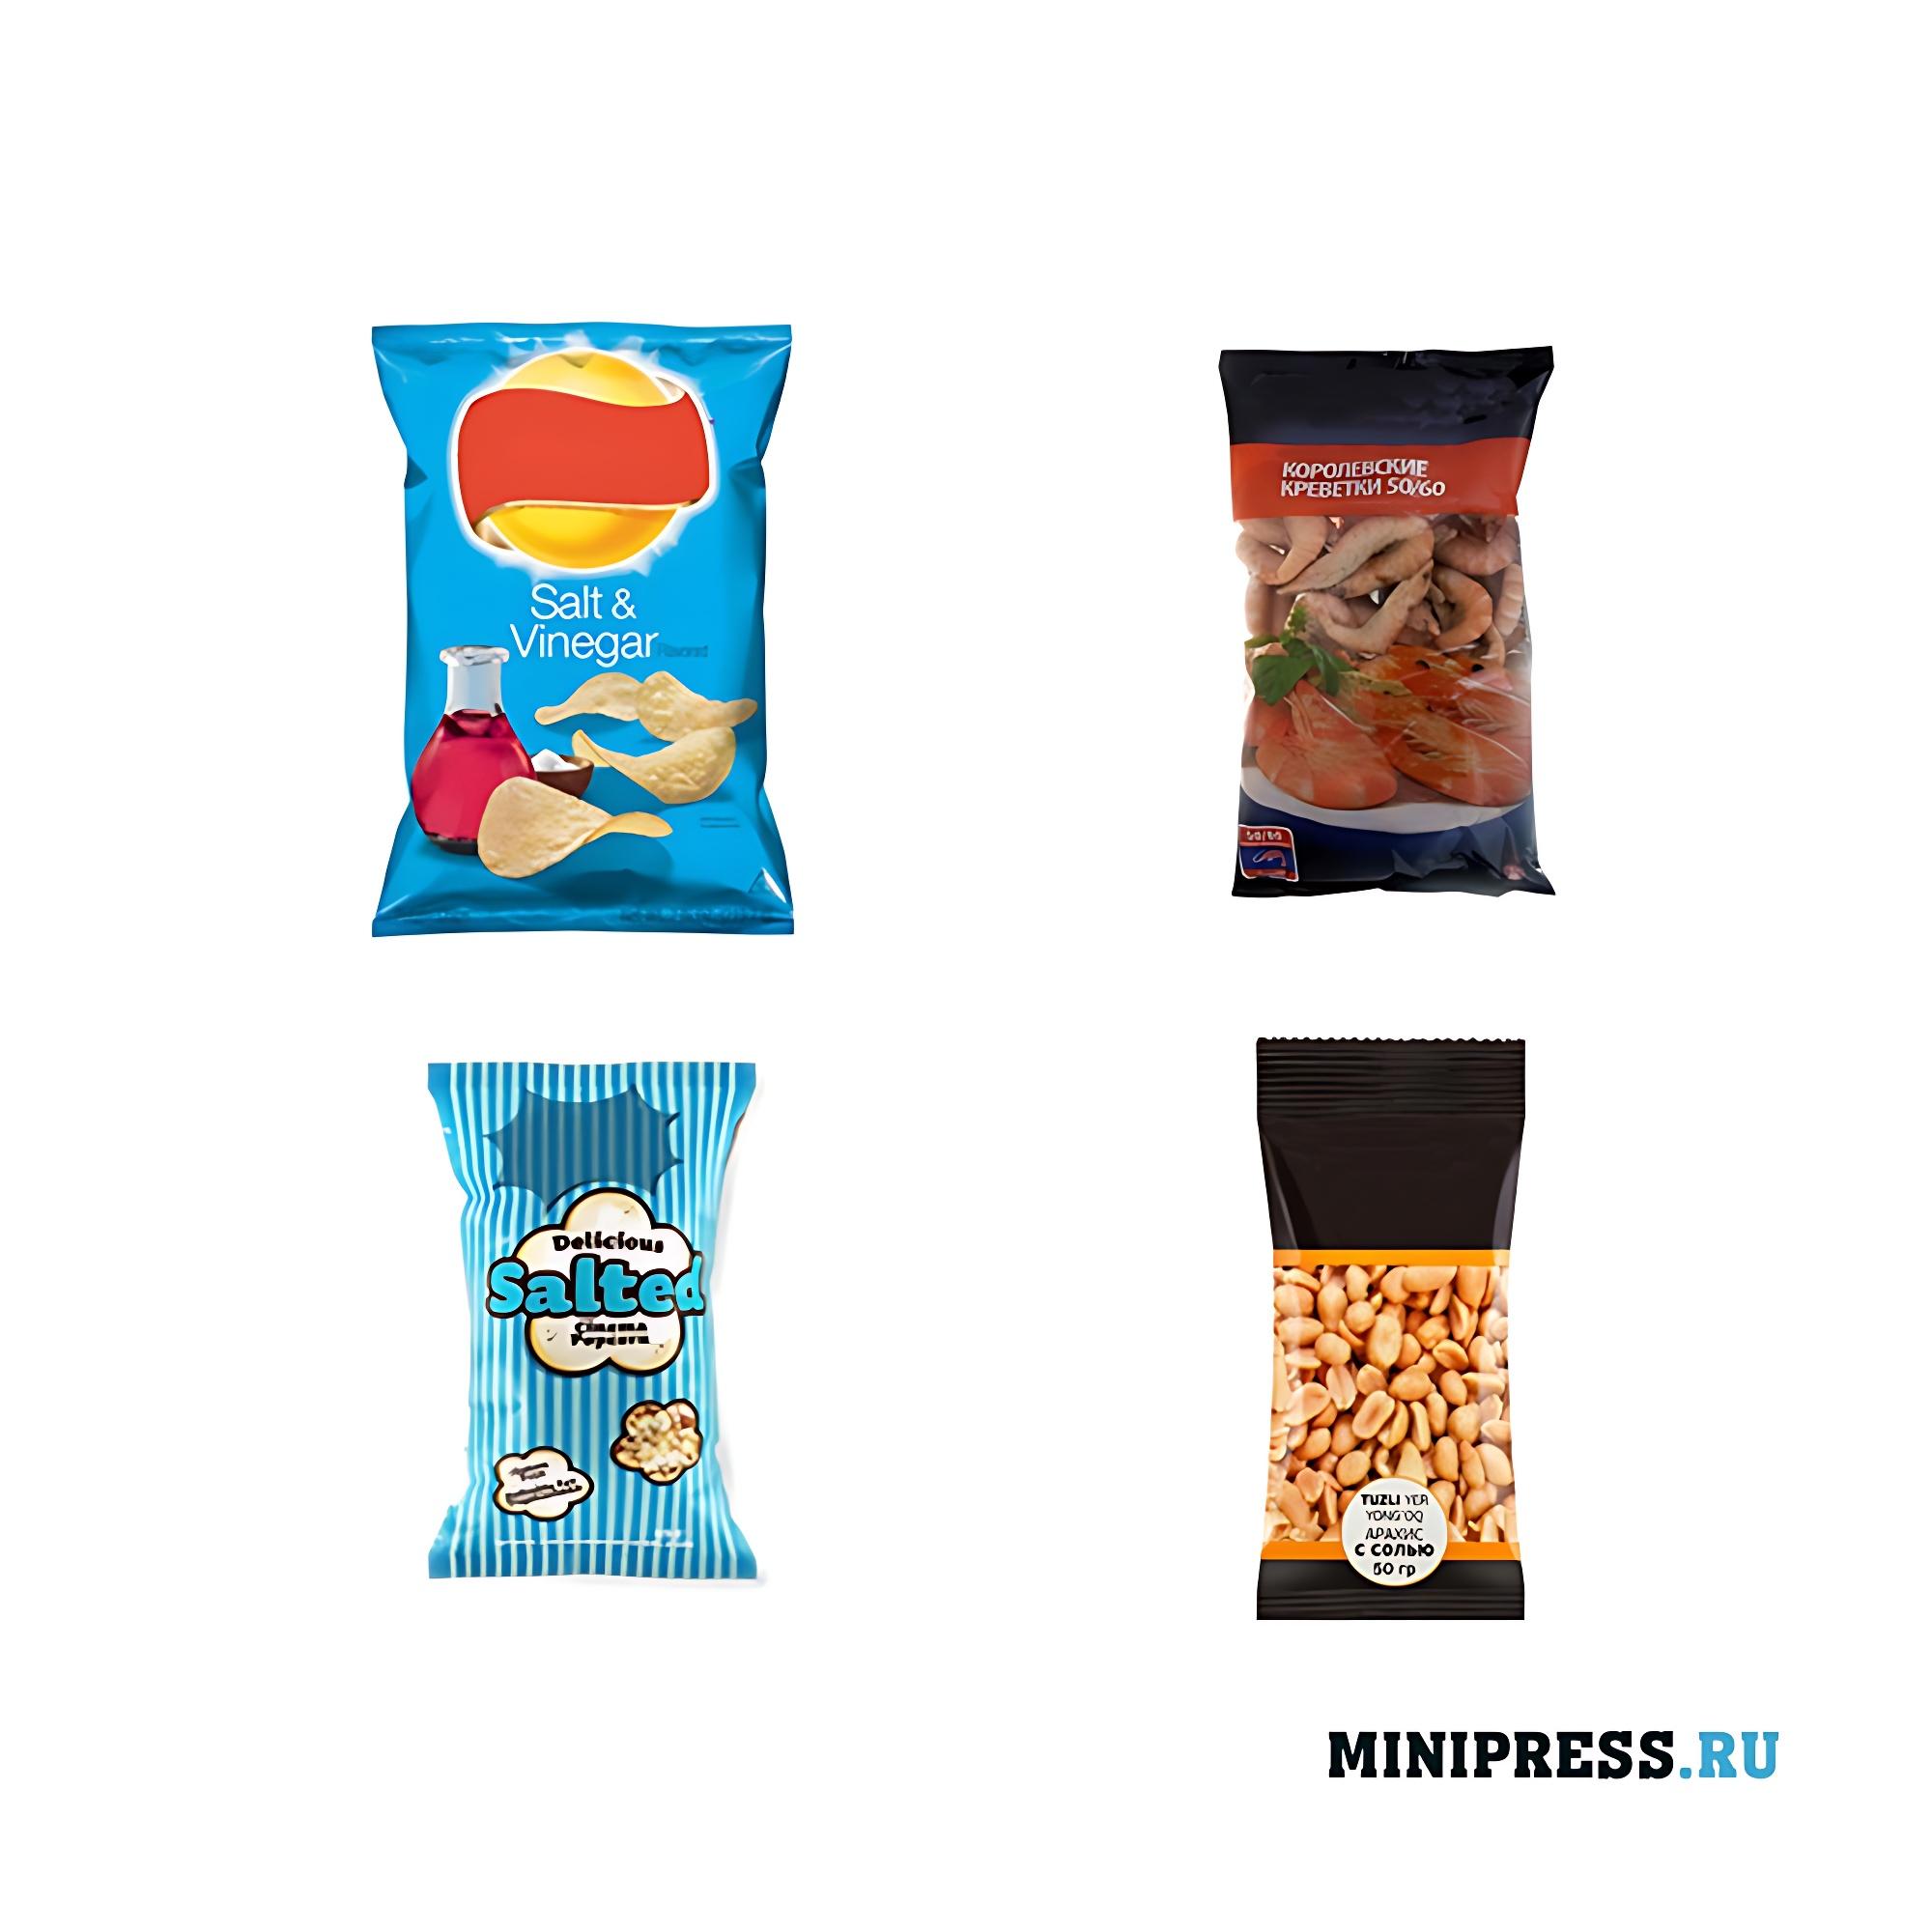 Упакованные пакеты с продуктами